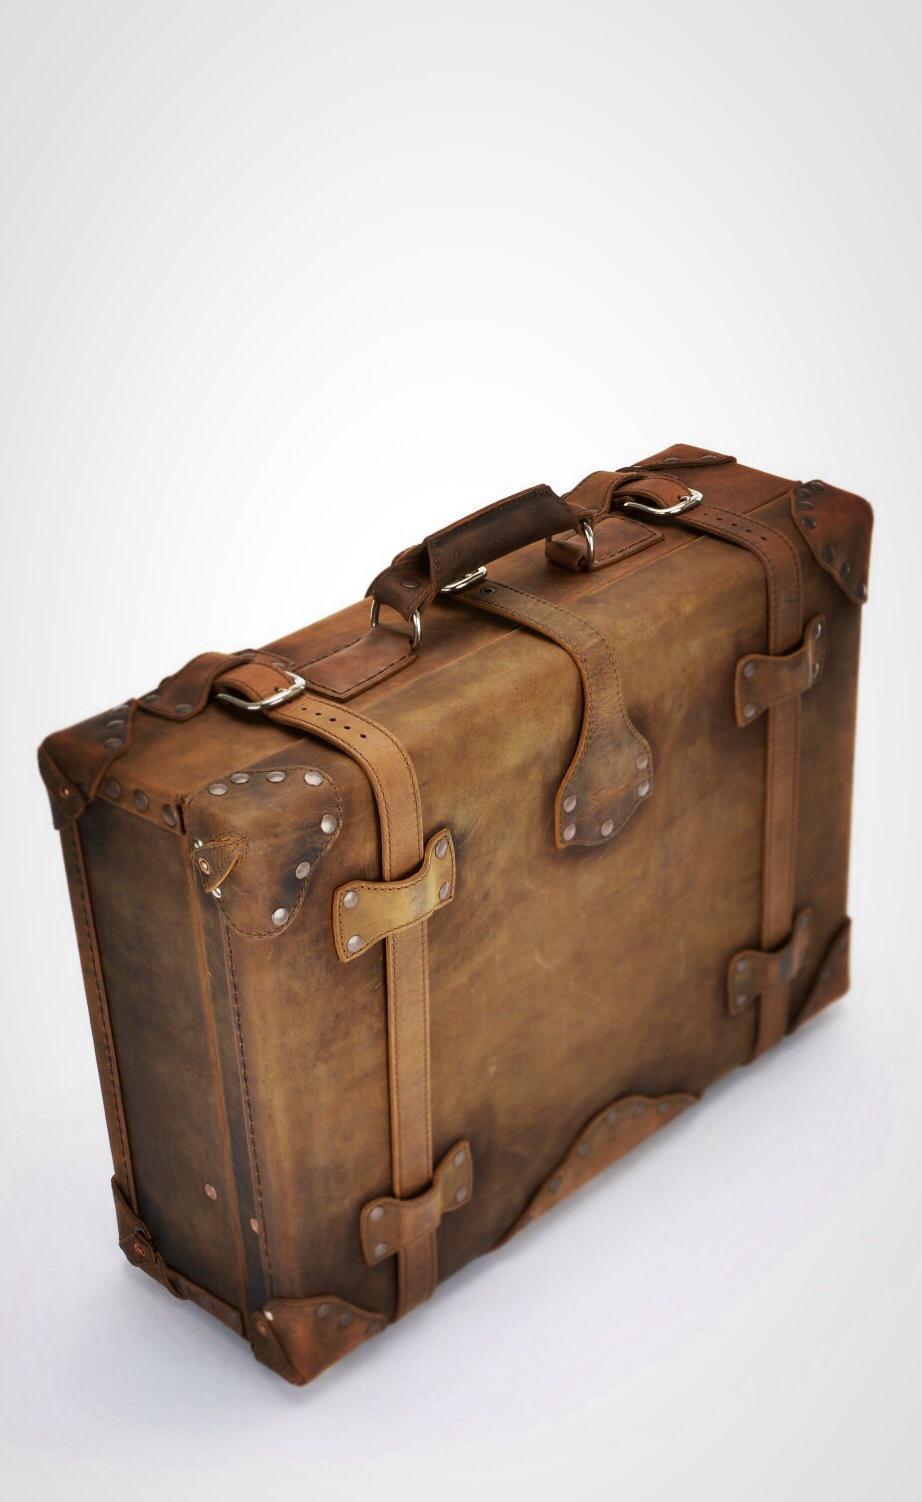 les 25 meilleures id es de la cat gorie leather suitcase sur pinterest valises anciennes. Black Bedroom Furniture Sets. Home Design Ideas